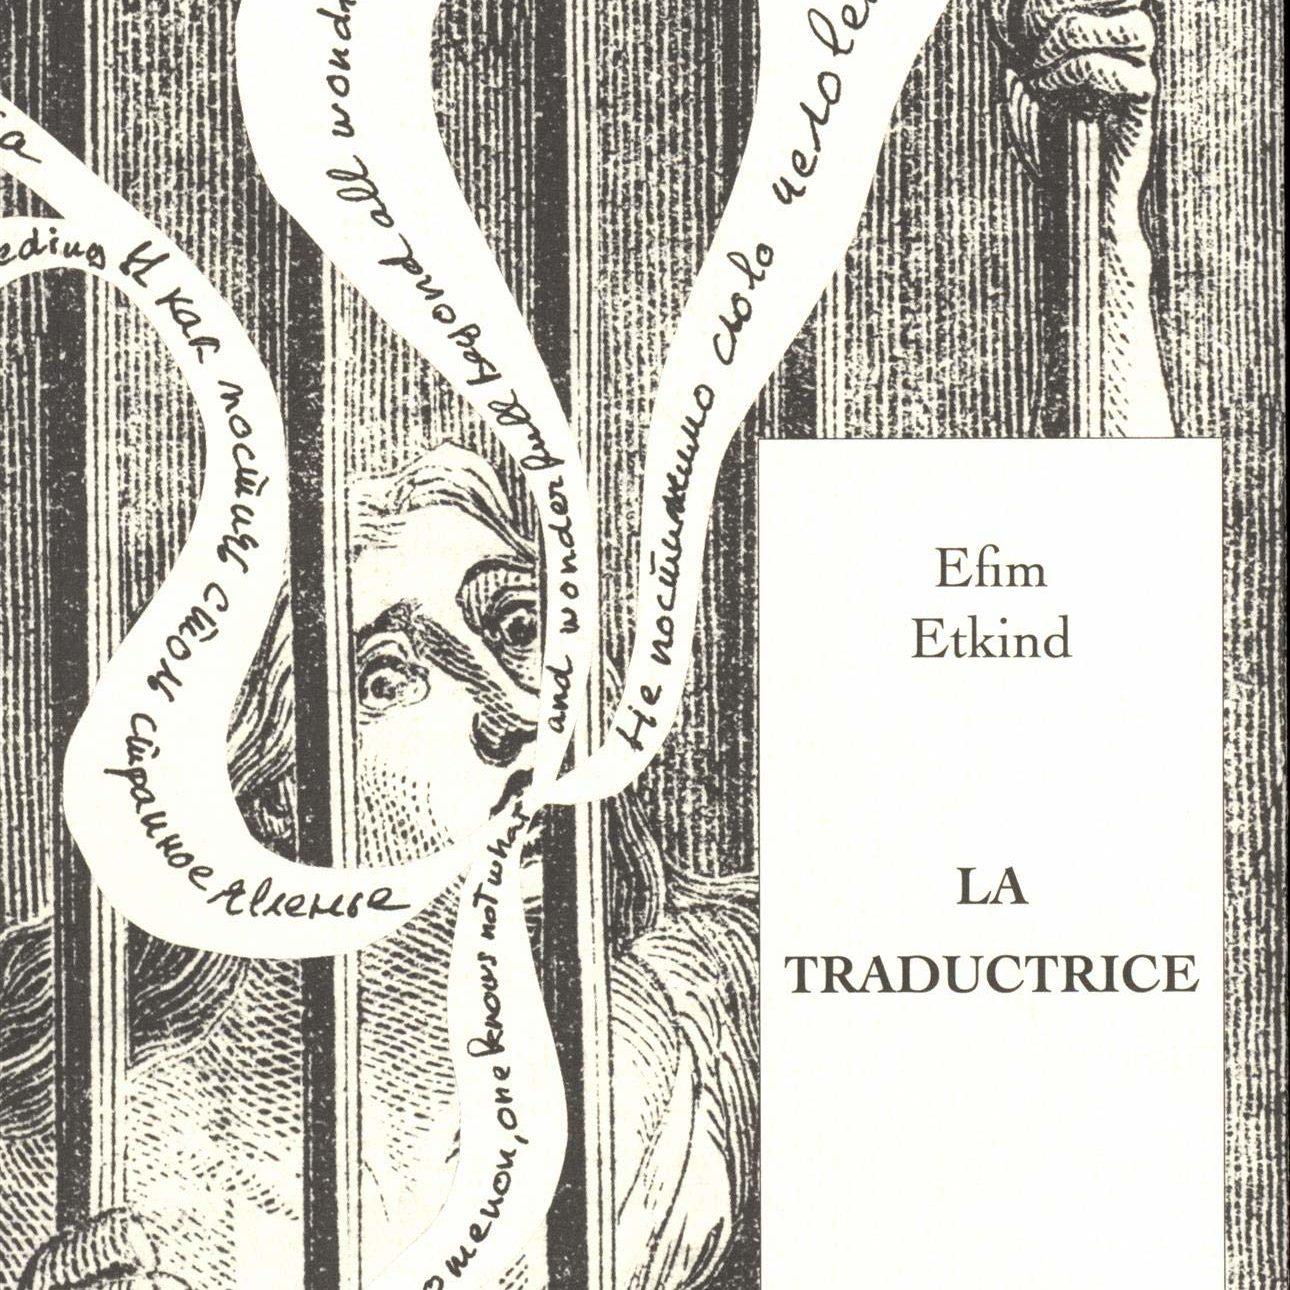 Couverture du livre La traductrive d'Efim Etkind